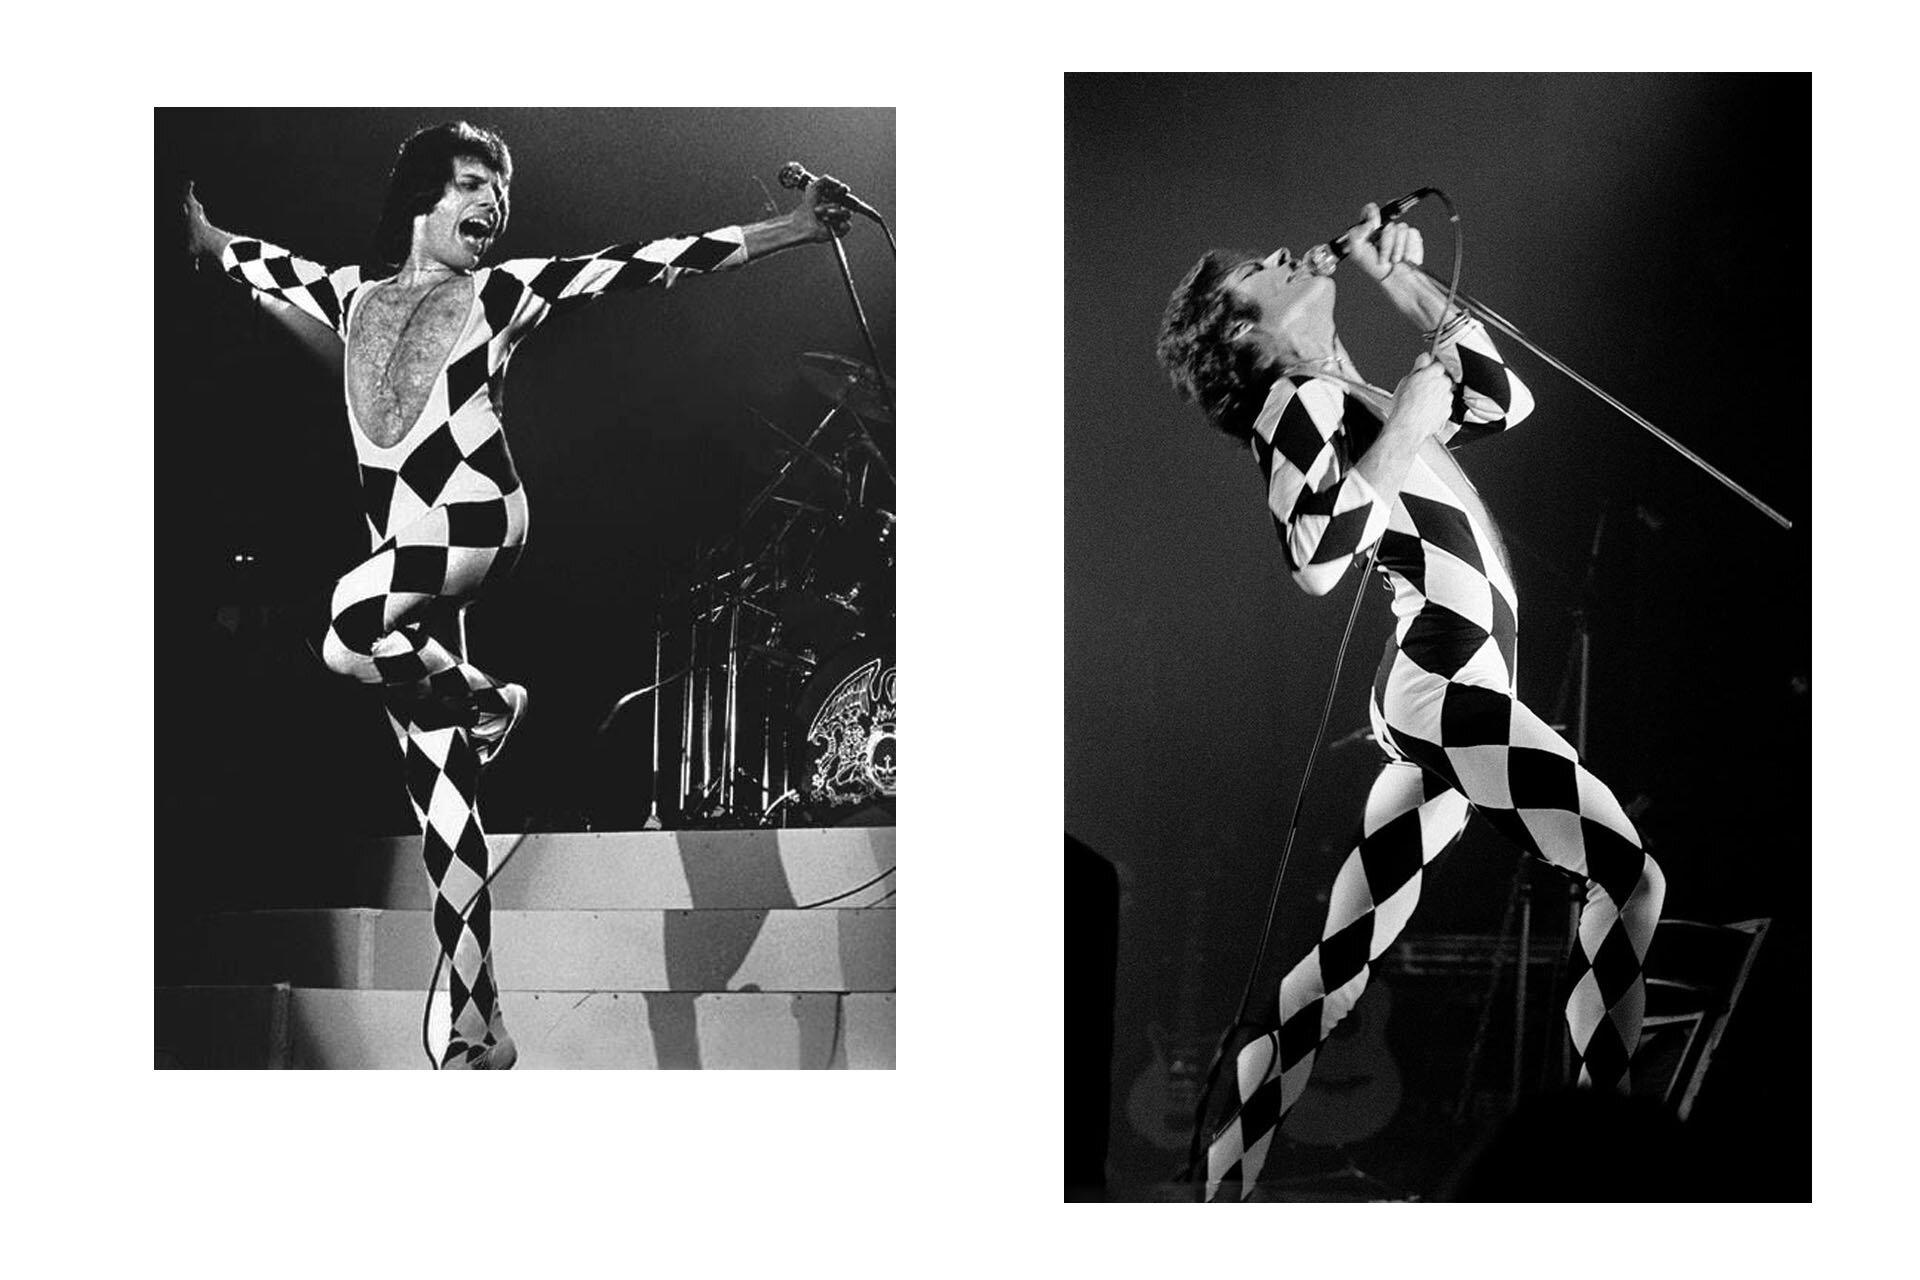 Wszyscy powinniśmy ubierać się jak Freddie, Freddie Mercury, Stylizacje Queen, Stylizacje Freddie, Kostium w romby, 10 przełomowych wcieleń modowych Freddiego